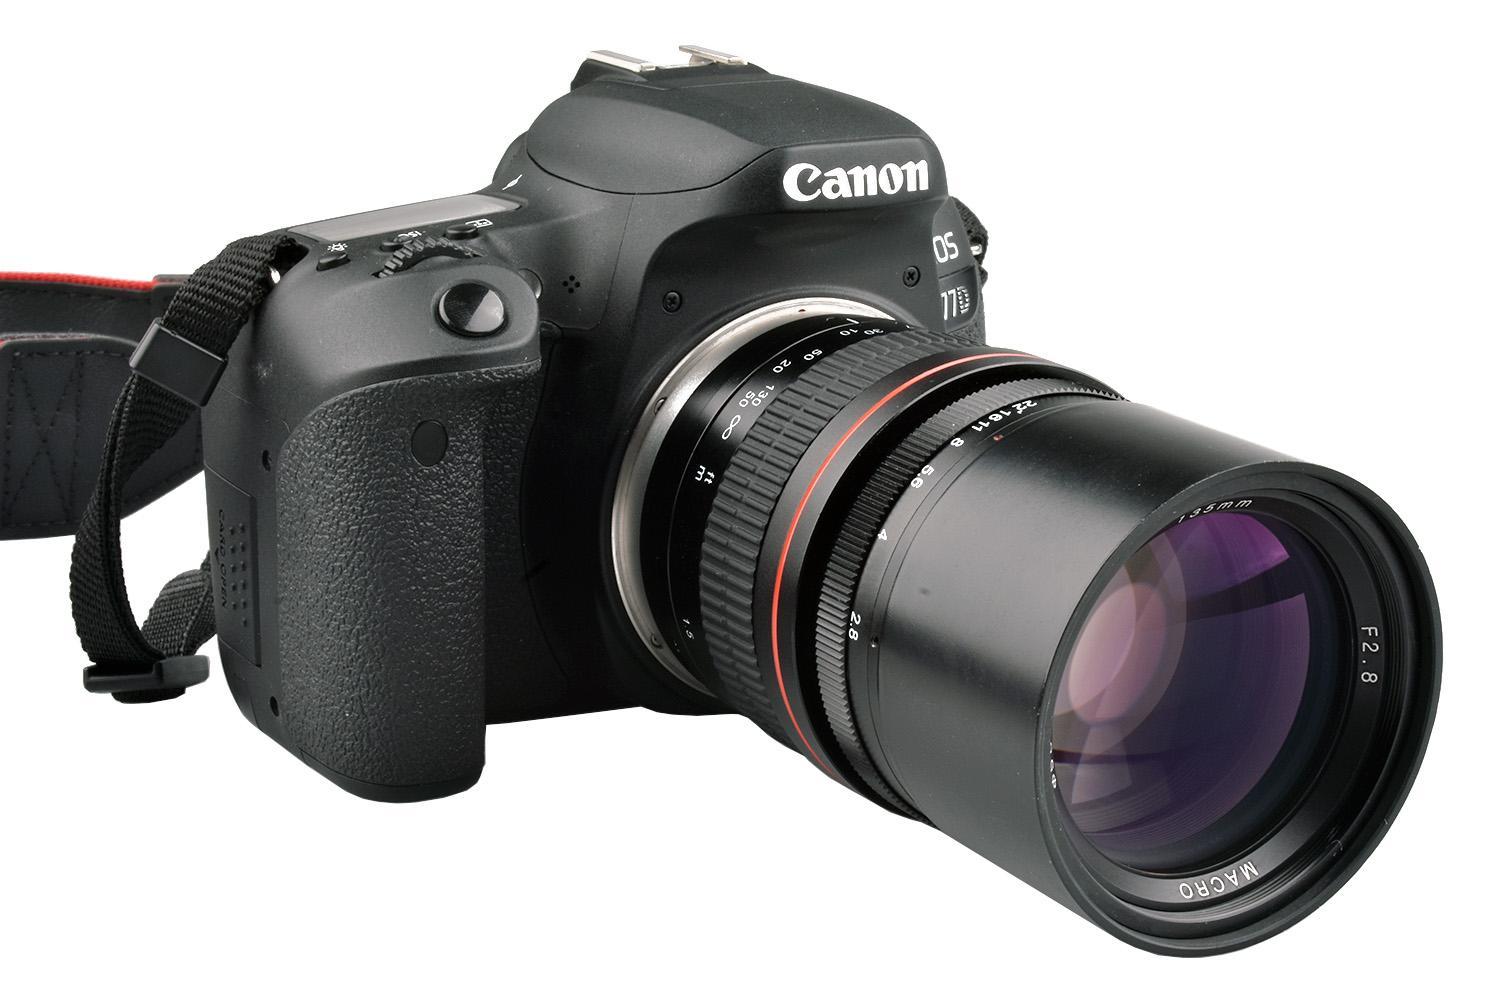 135mm F2 8 Telephoto Prime Lens for Canon EOS 1300D 6D 77D 760D 800D 60D  70D 80D Nikon D810 D850 DSLR Camera Lens